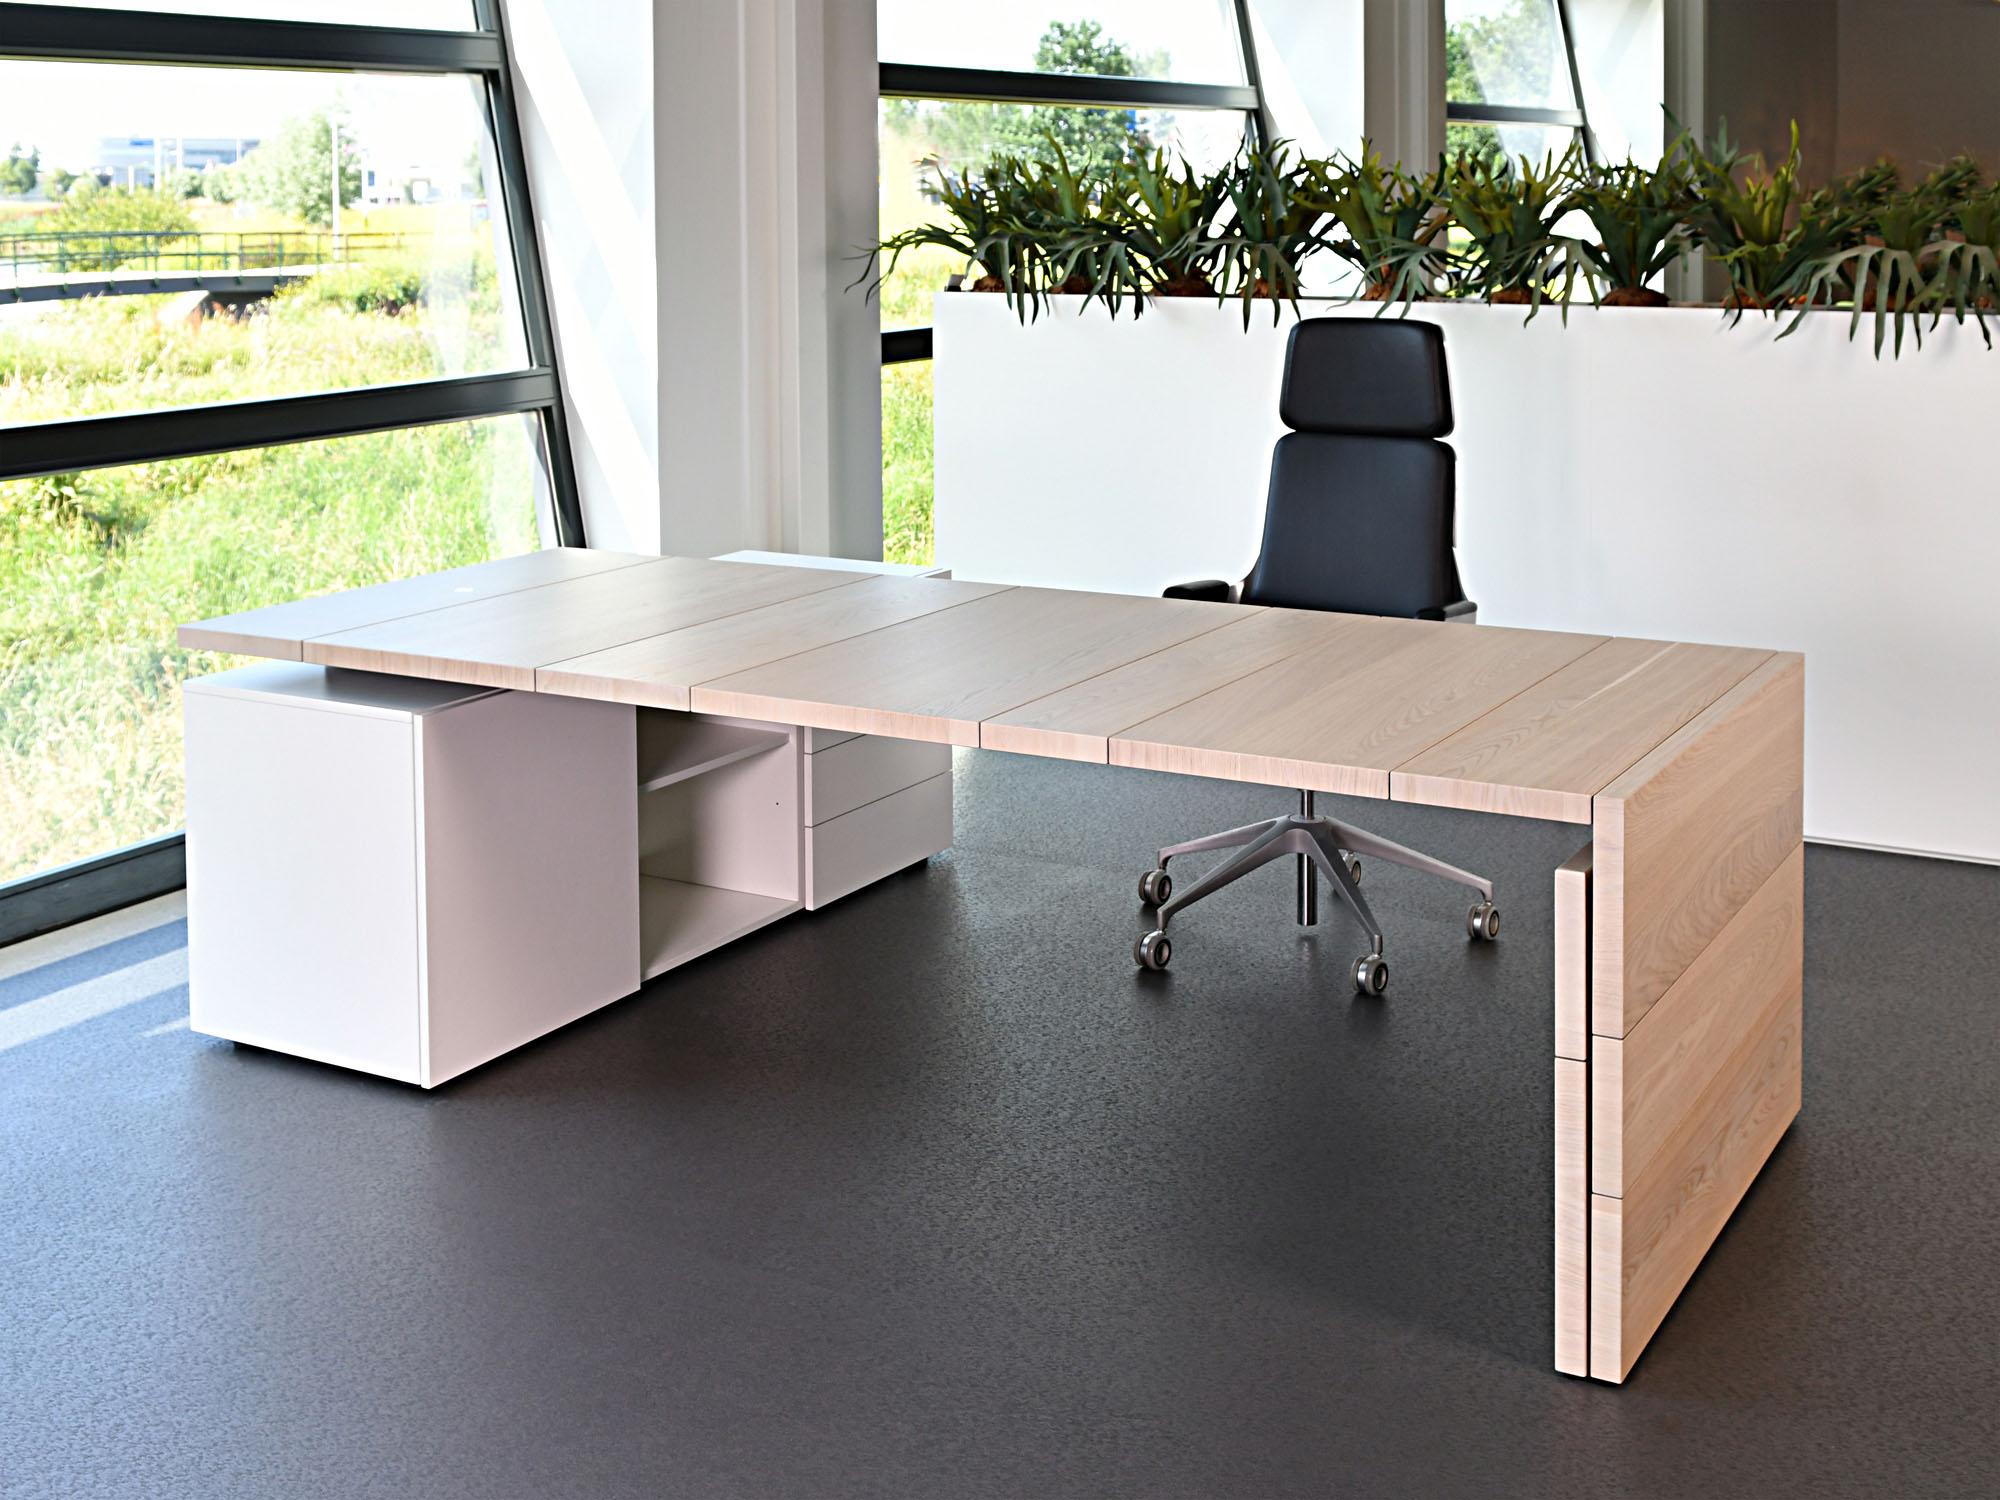 LV-zitsta met sideboard, ontwerp door Marieke Castelijn